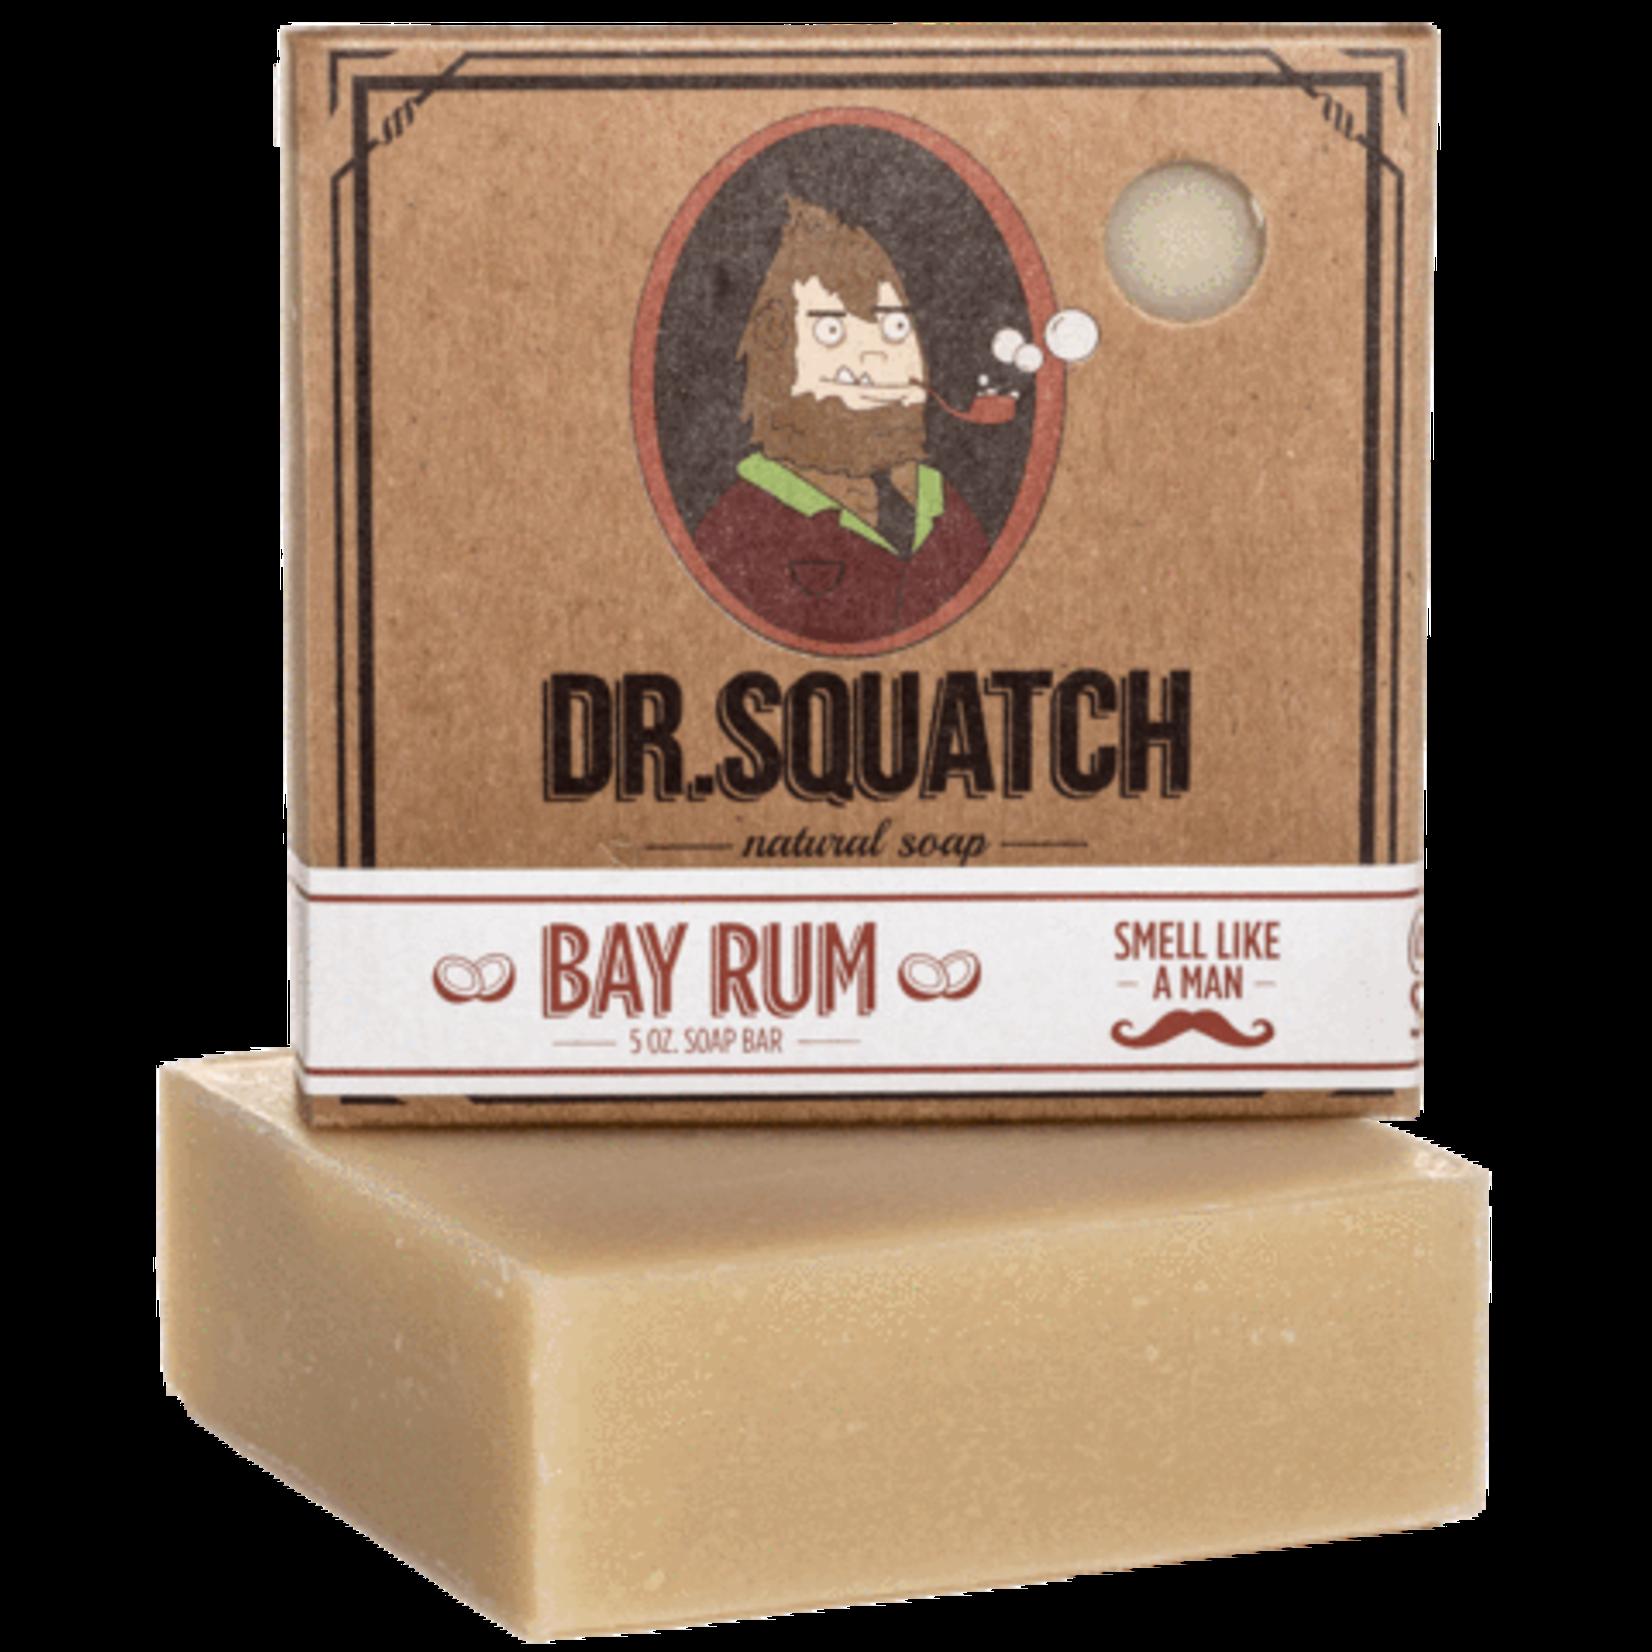 Dr Squatch Bar Soap 5 oz - Bay Rum